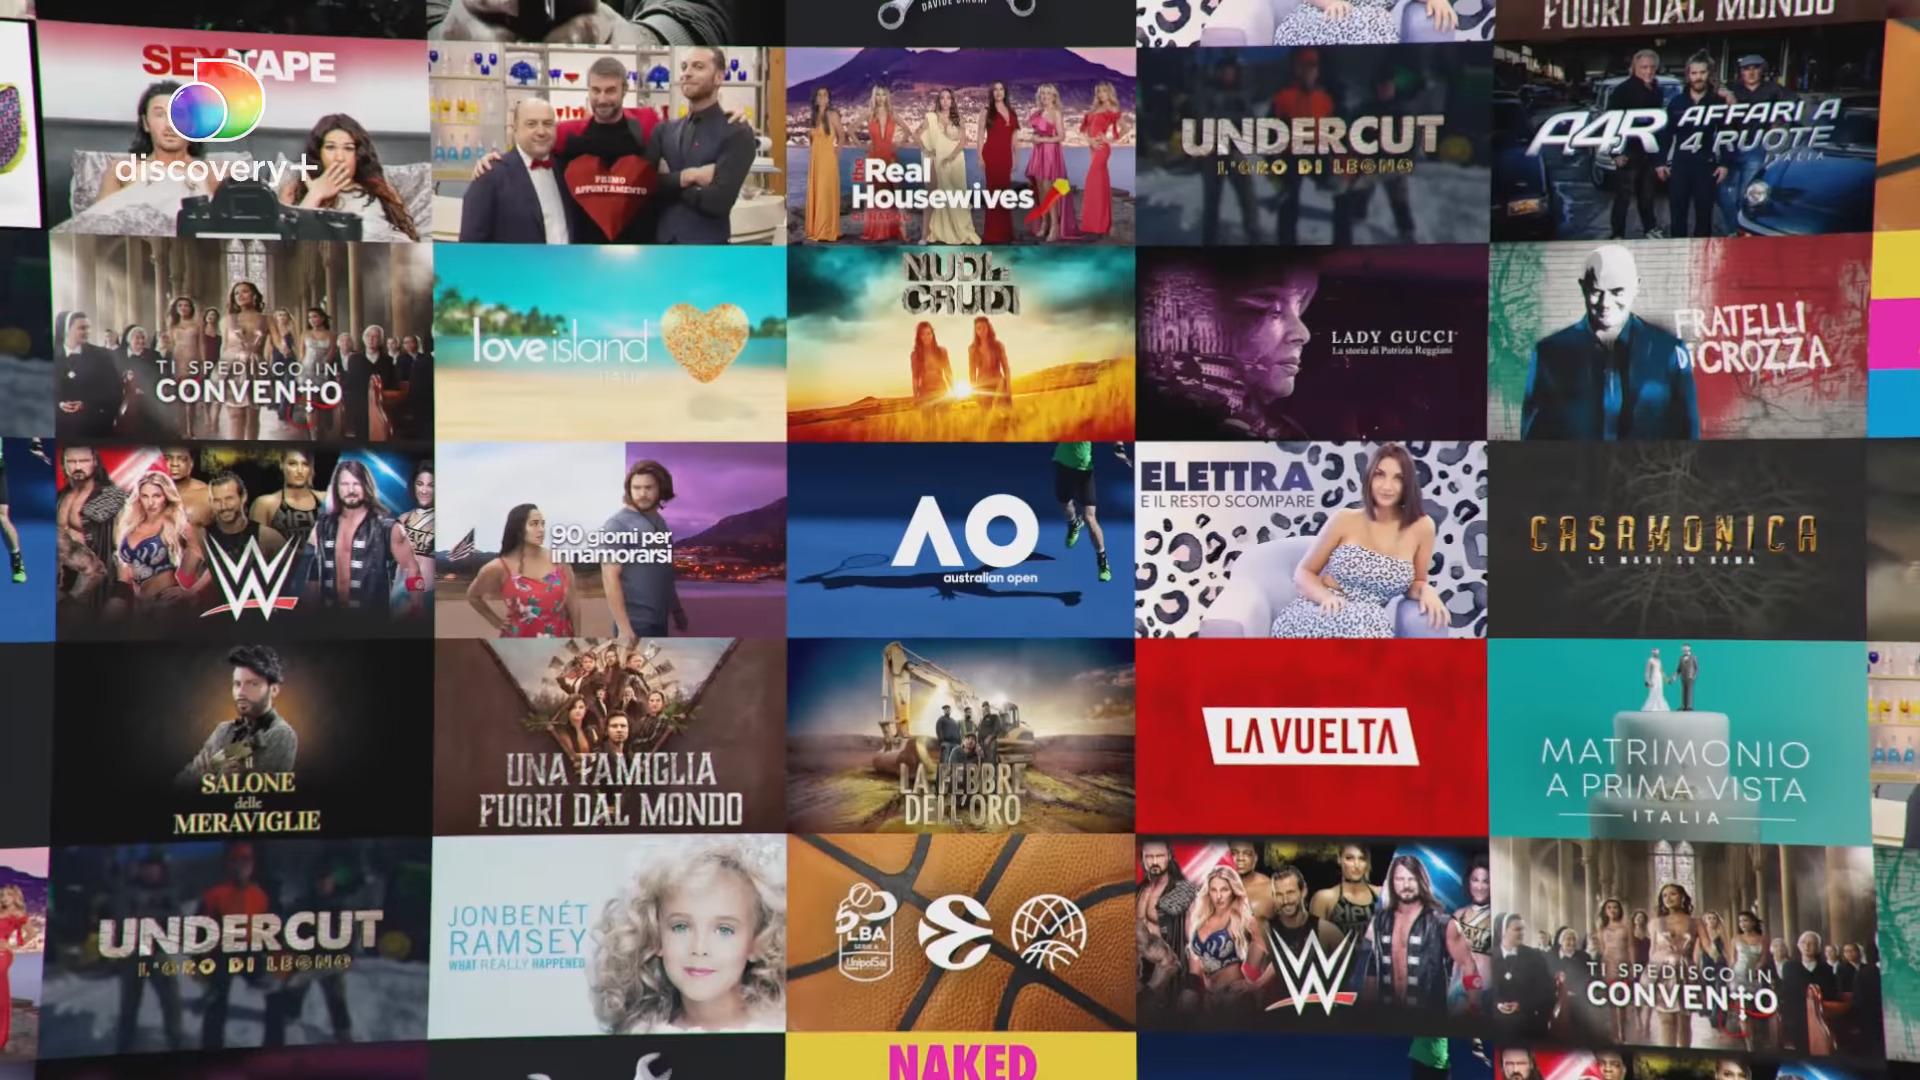 Boom del video on demand, in arrivo Discovery+ e Champions su Amazon Prime